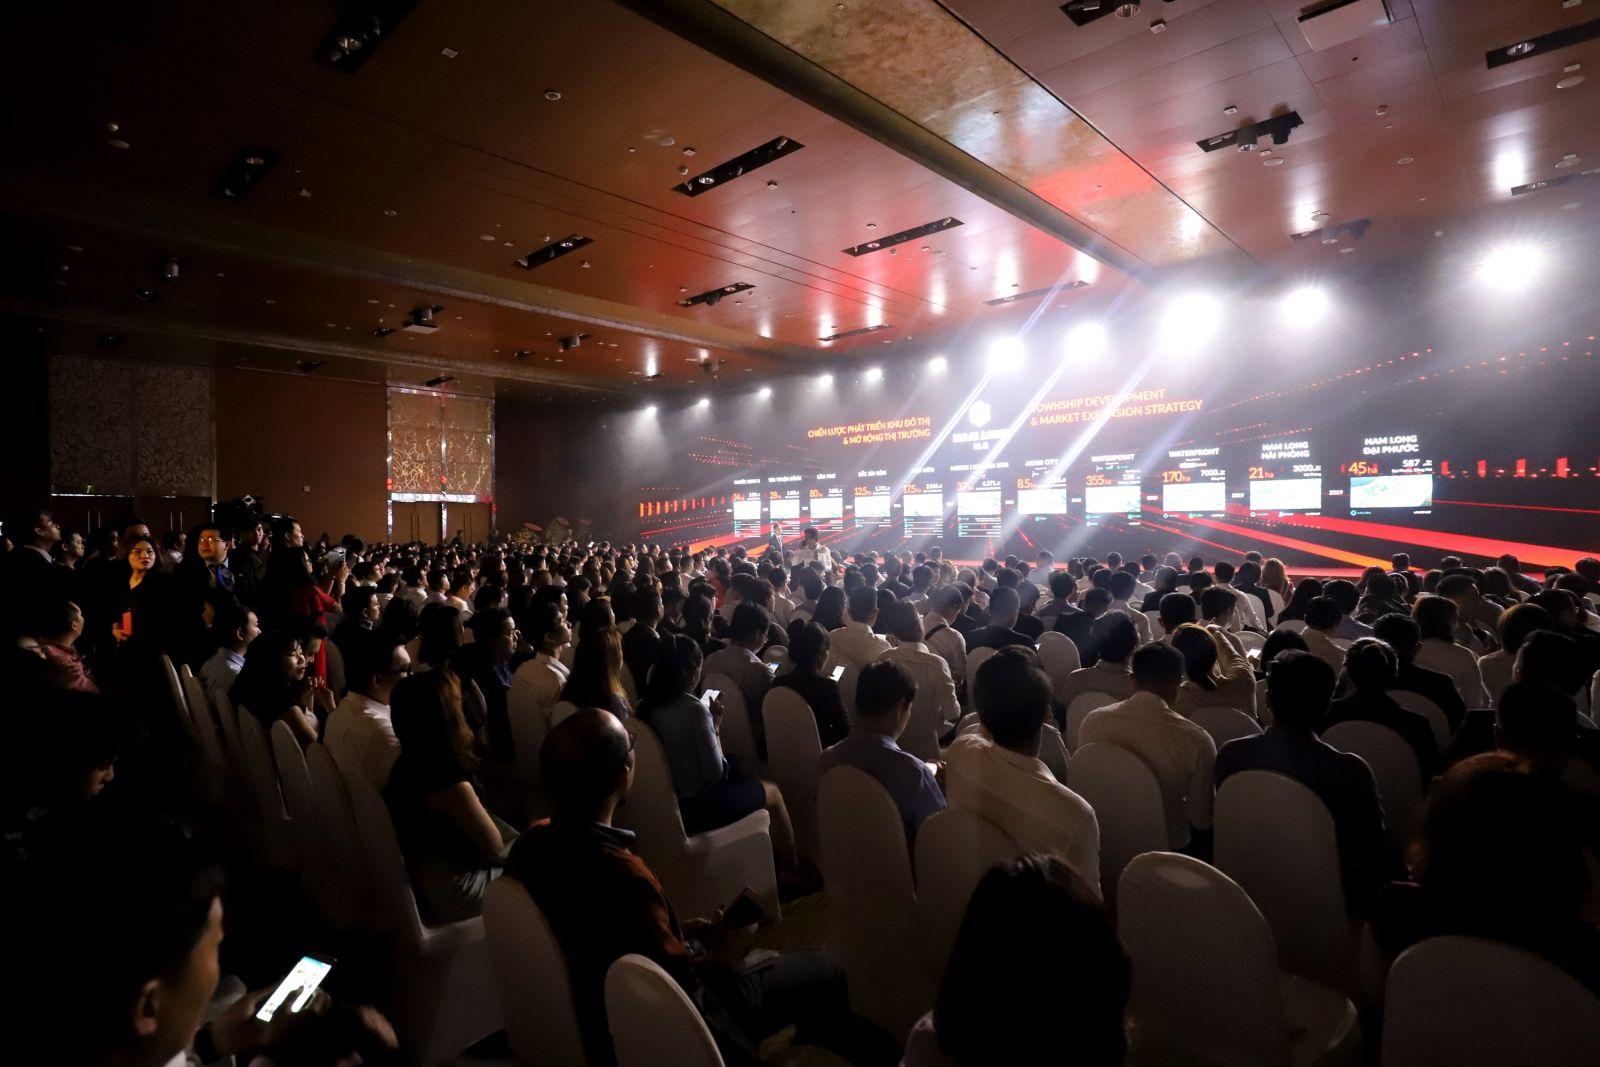 Gần 3.000 người tham dự sự kiên Nam Long Day